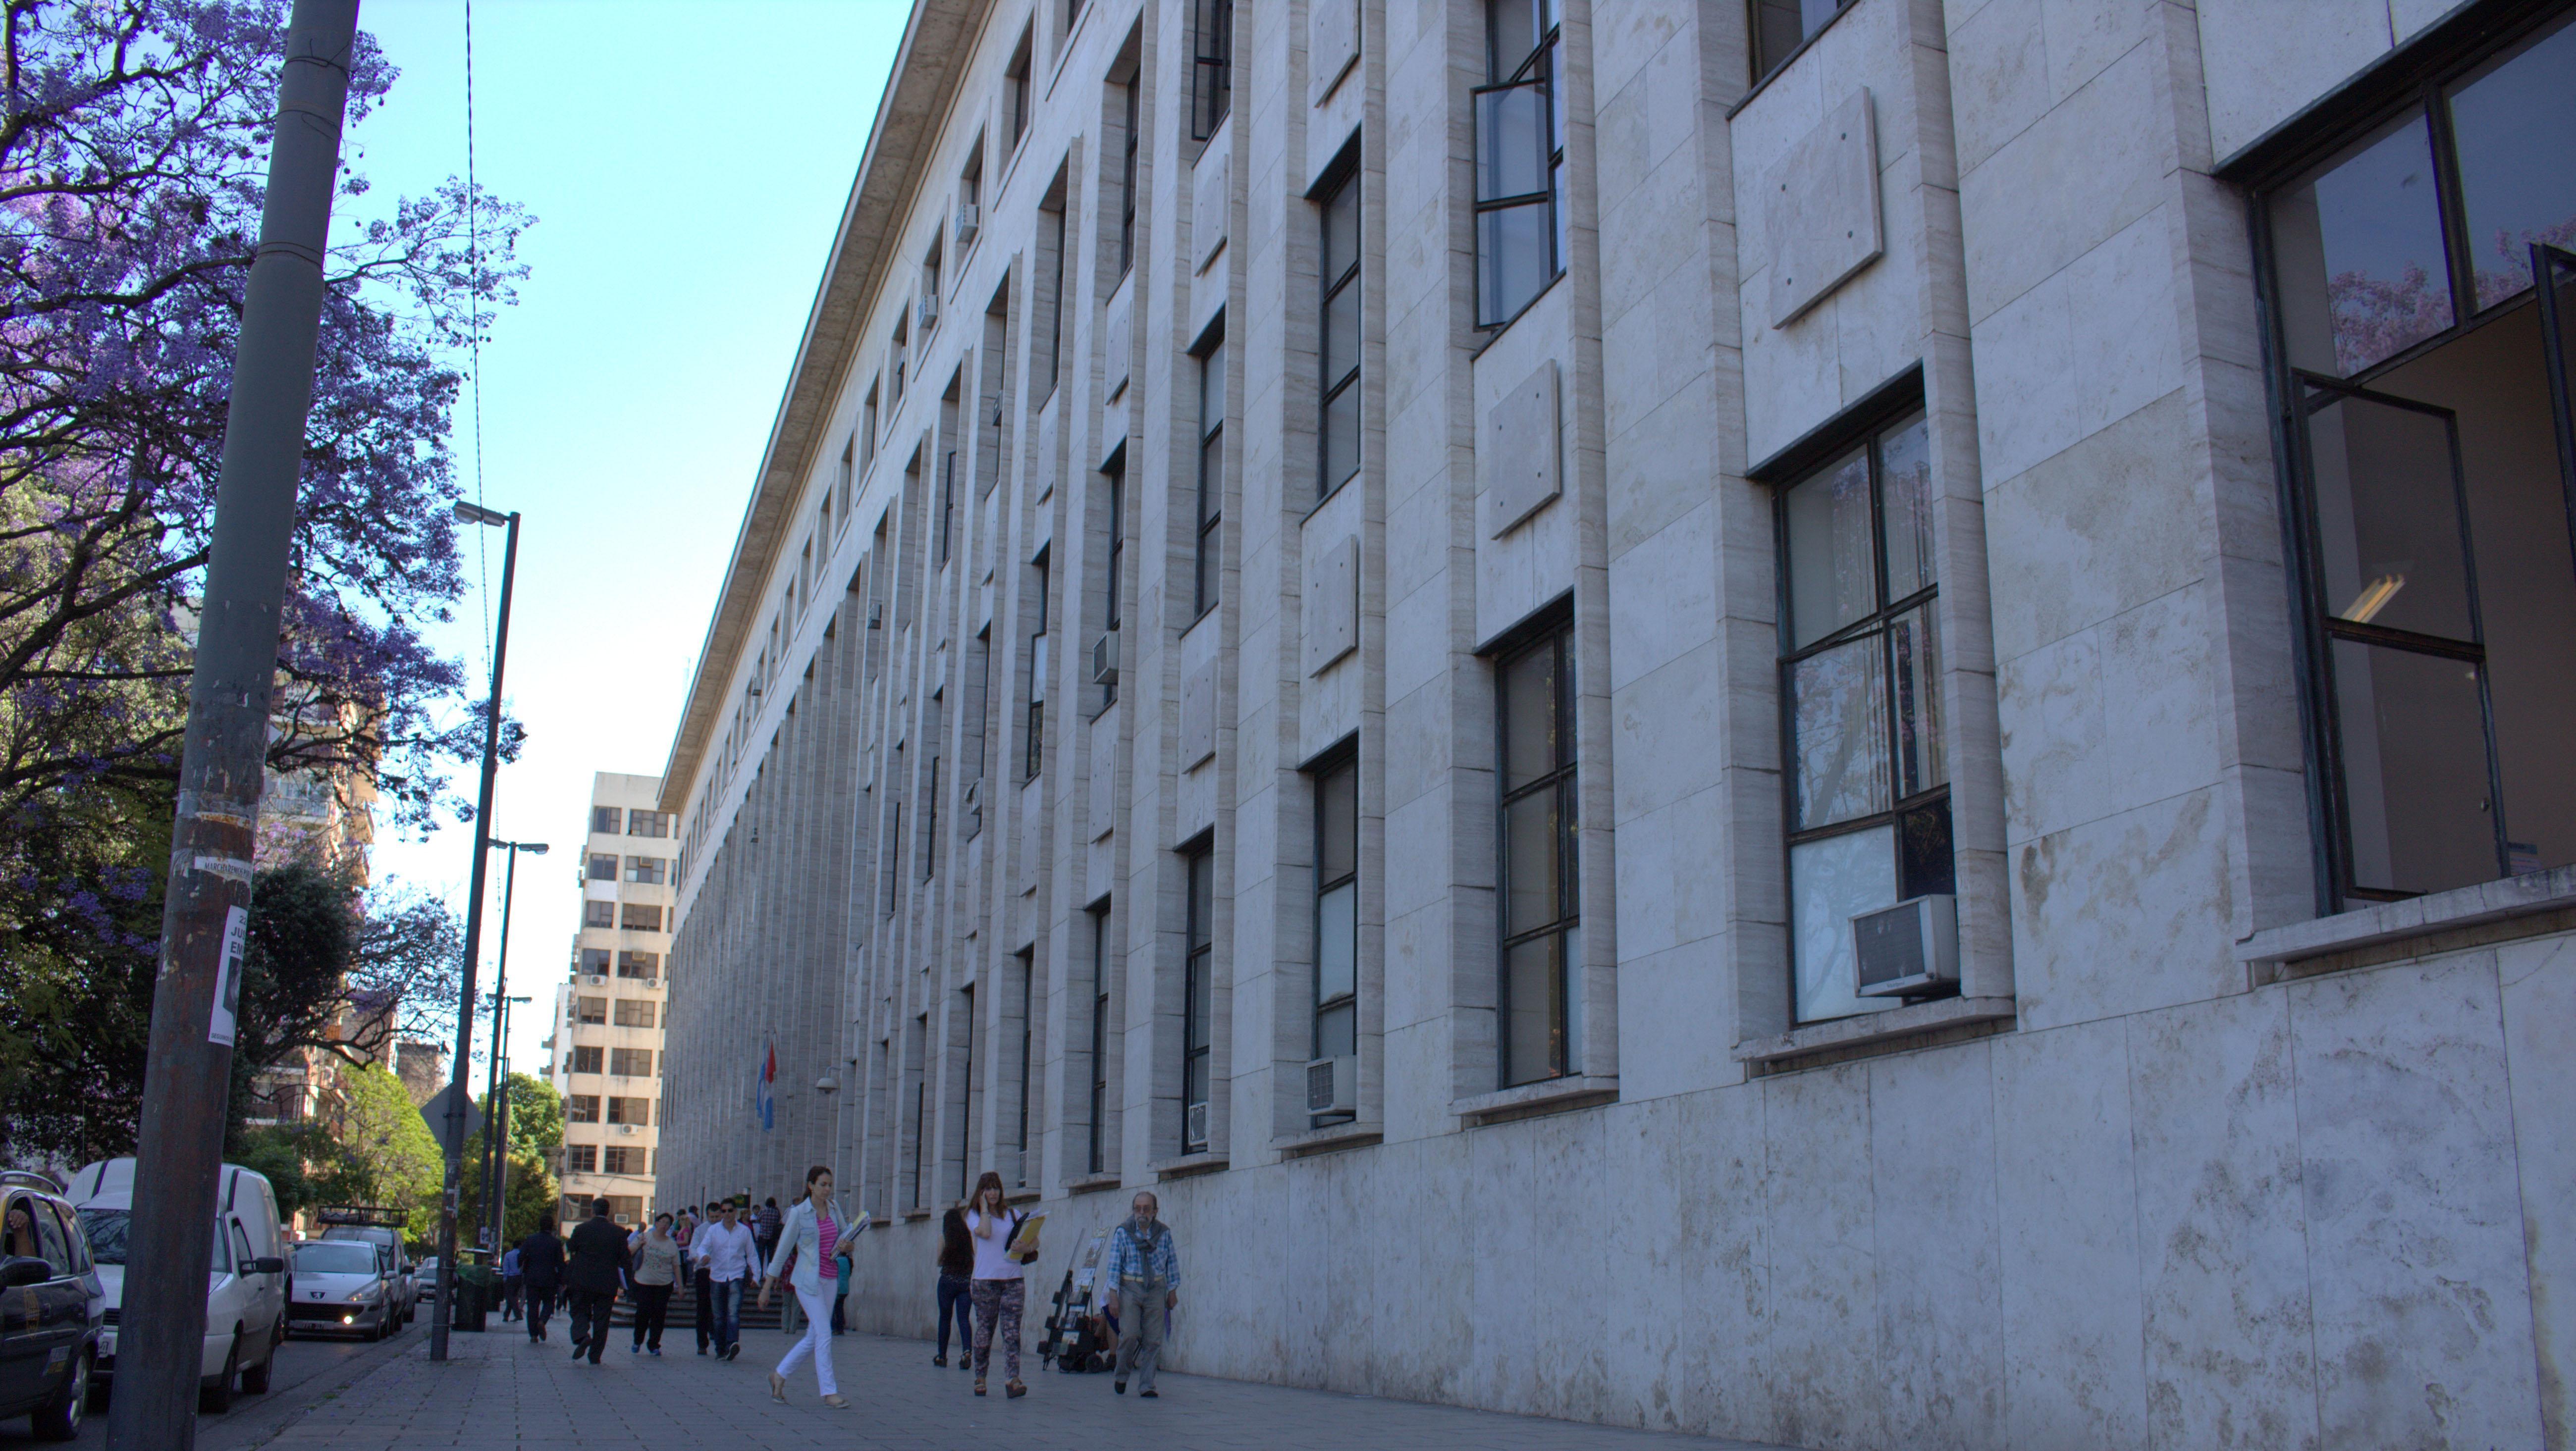 A hacer trámites el jueves: martes y miércoles las puertas del Tribunal permanecen cerradas.